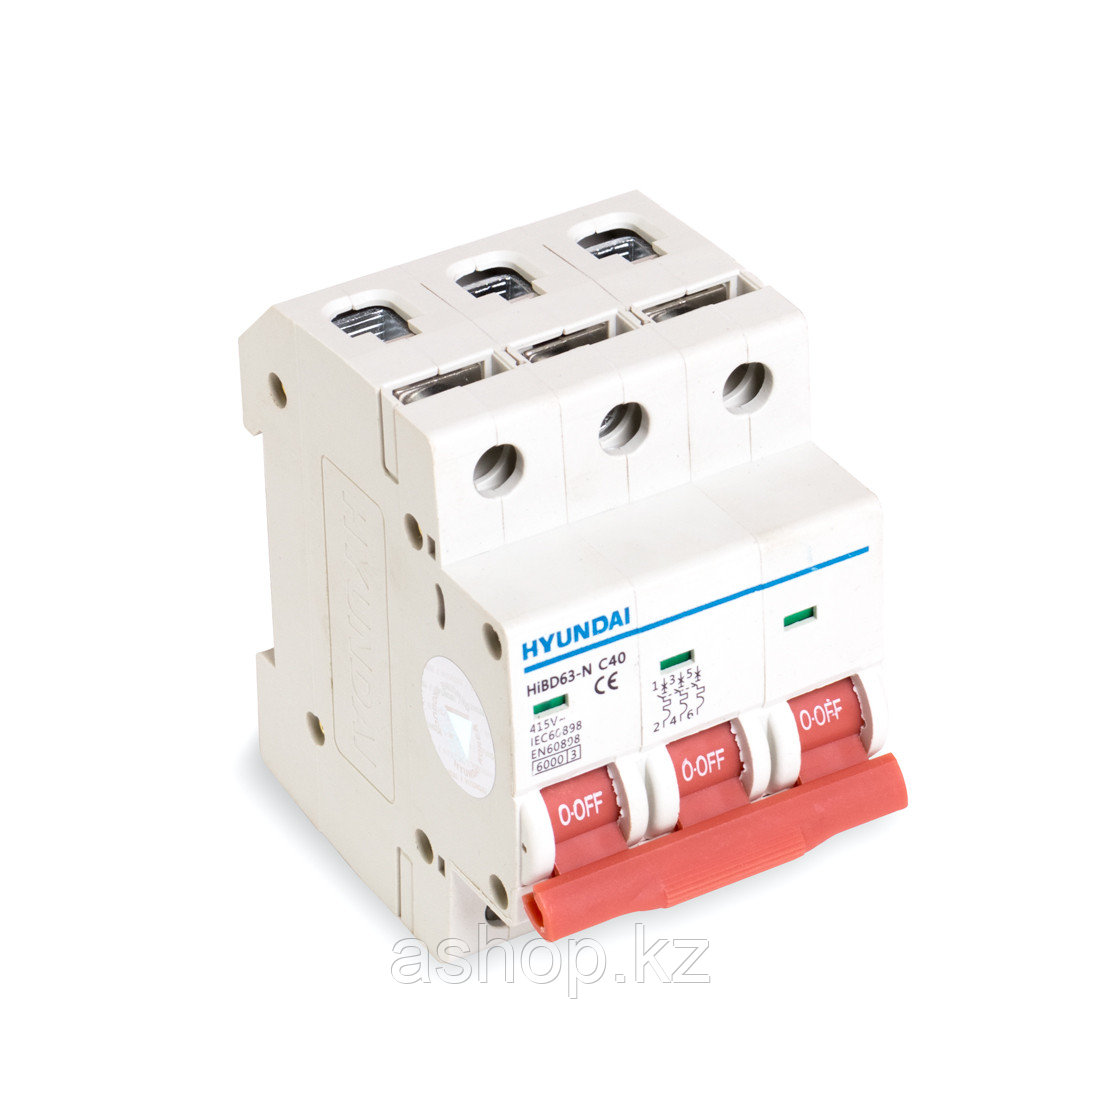 Автоматический выключатель реечный Hyundai HiBD63-N 3P 32А, 230/400 В, Кол-во полюсов: 3, Предел отключения: 6